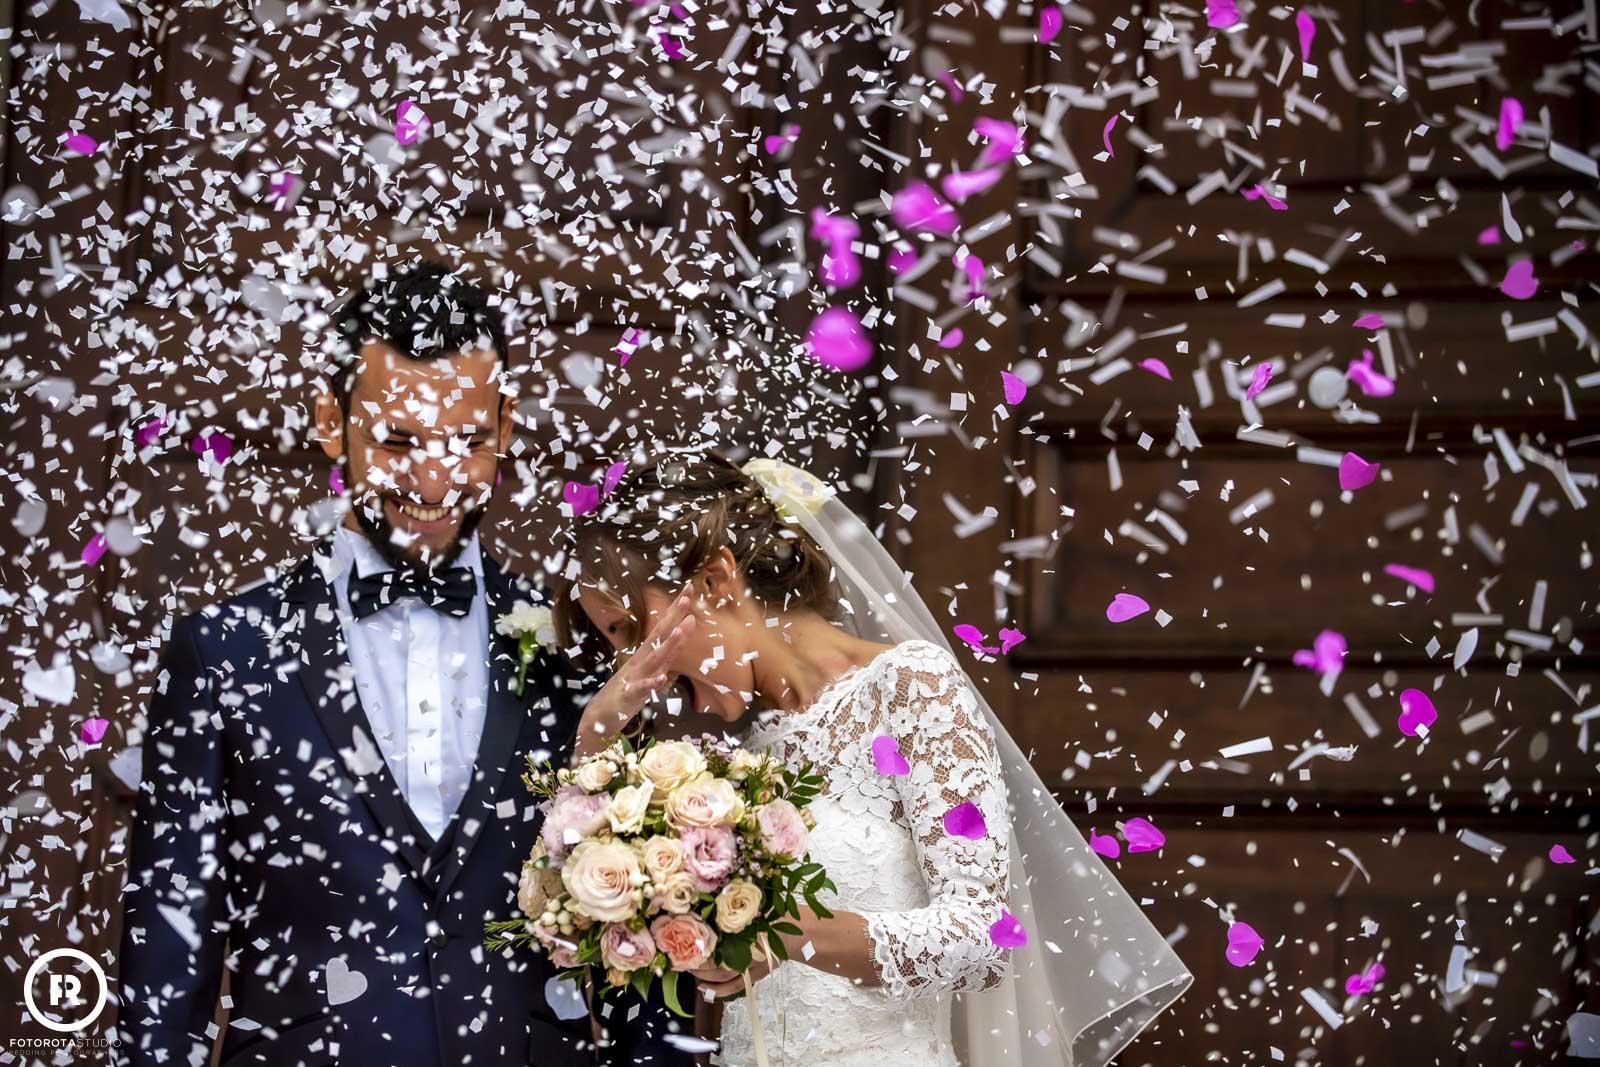 Foto sposa e sposo fuori dalla chiesa